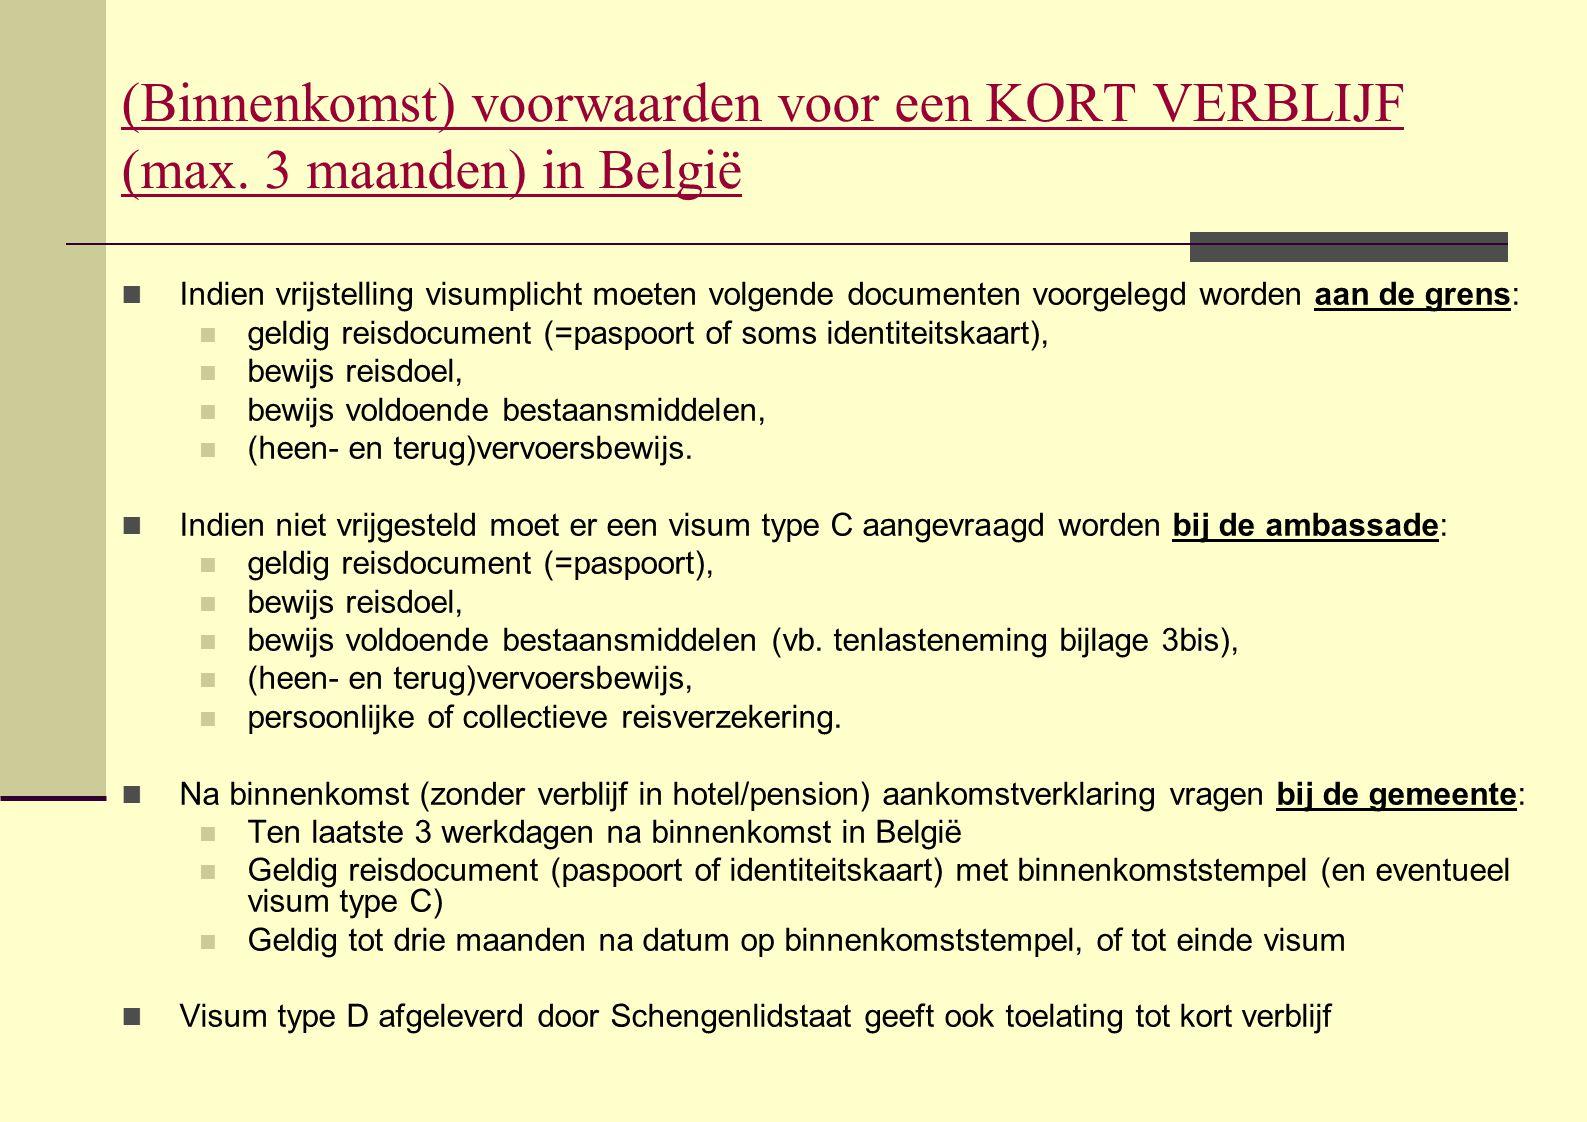 (Binnenkomst) voorwaarden voor een KORT VERBLIJF (max